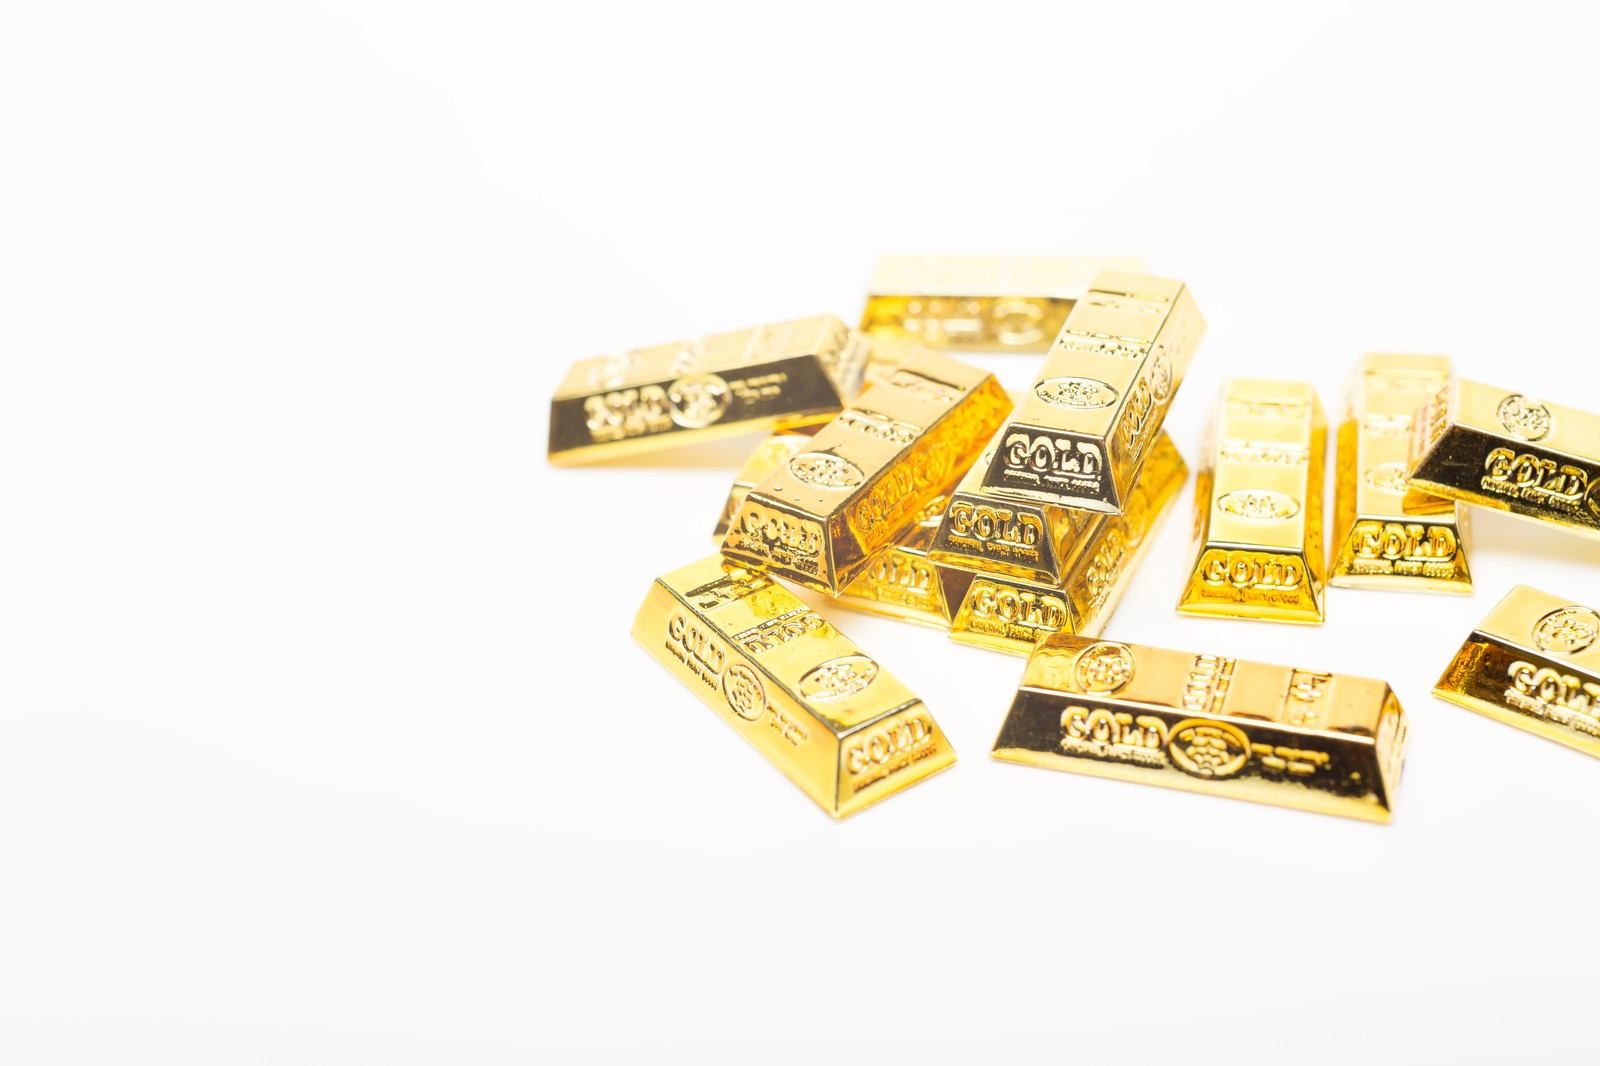 「散らばった金塊(ゴールド)散らばった金塊(ゴールド)」のフリー写真素材を拡大